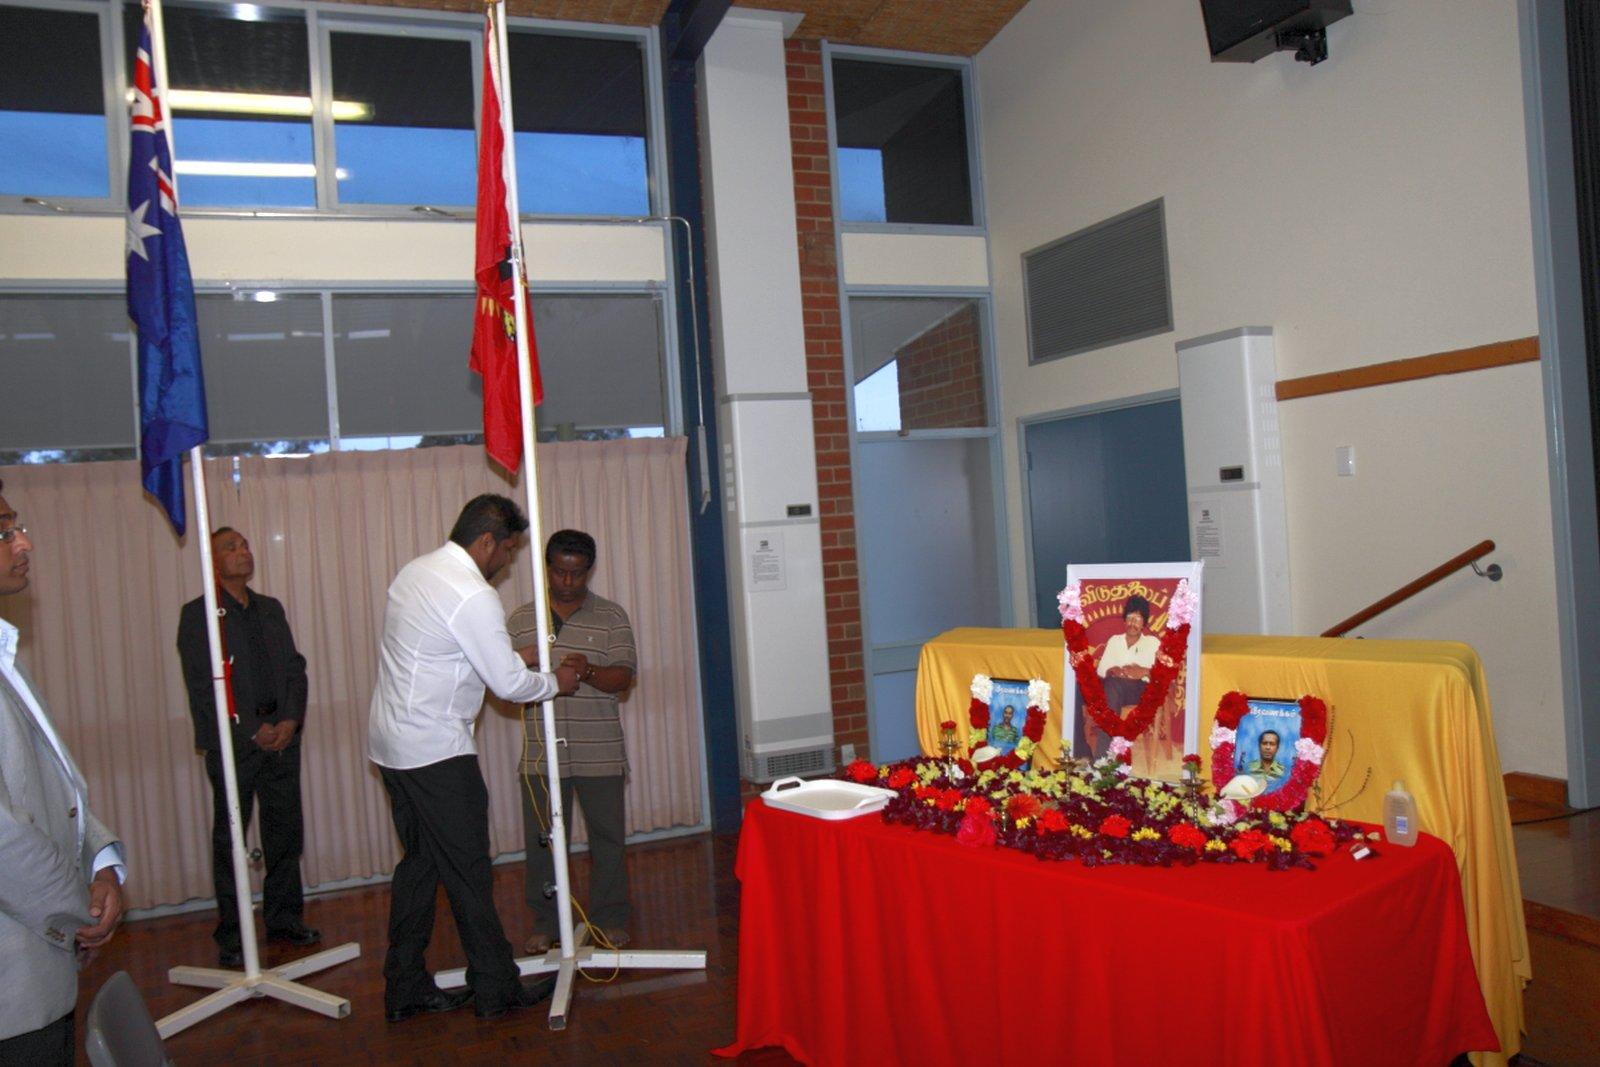 மெல்பேர்னில் உணர்வுபூர்வமாக நடைபெற்ற தியாக தீபம் திலீபன் நினைவு கலைமாலை Thiyaki Thileepan Event Melb 02